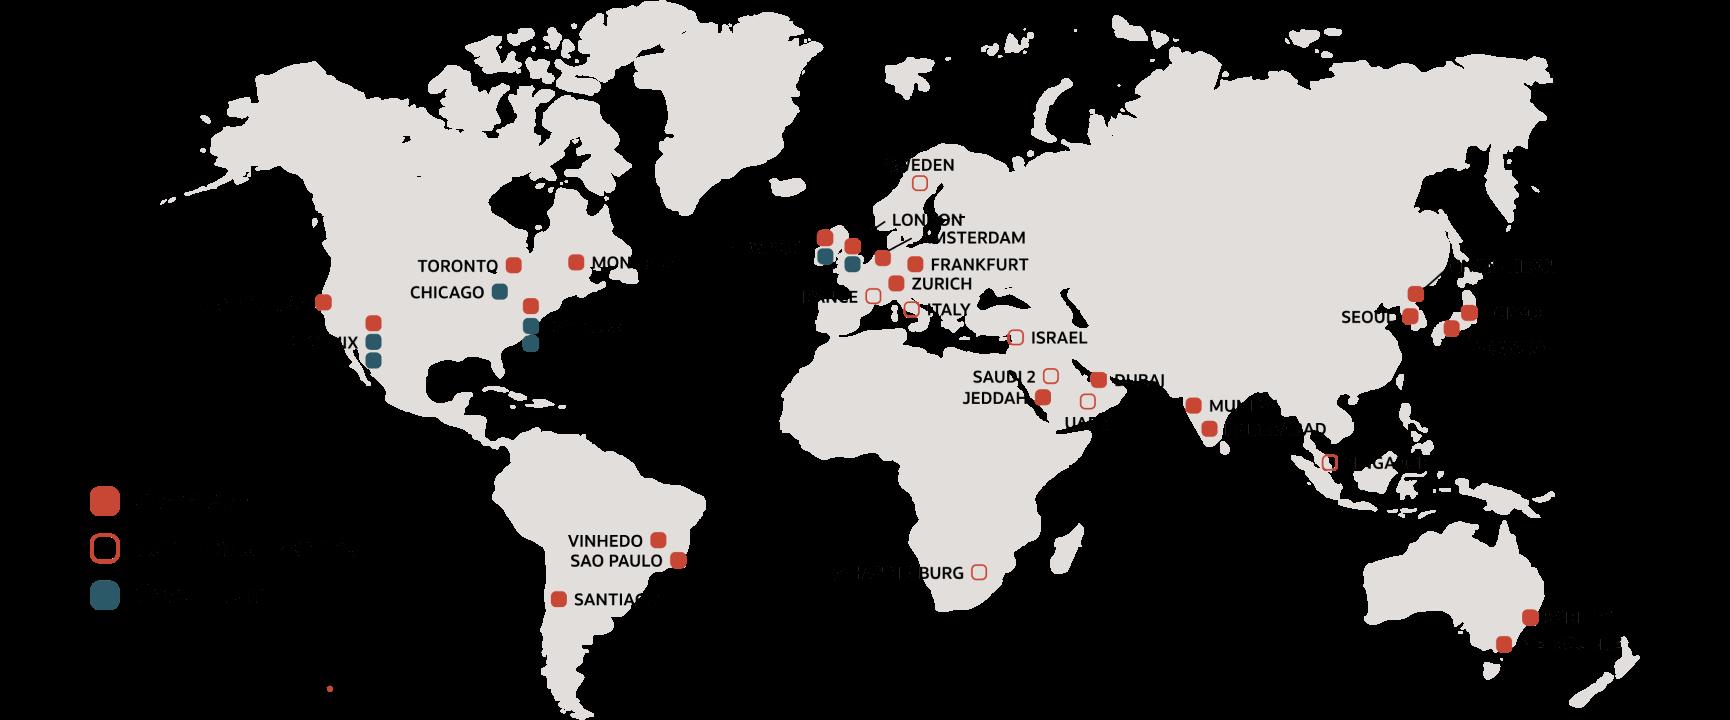 la rete dei data center di Oracle è in costante crescita. Scegli dove posizionare il tuo siftware. Potrai cambiare quando vuoi